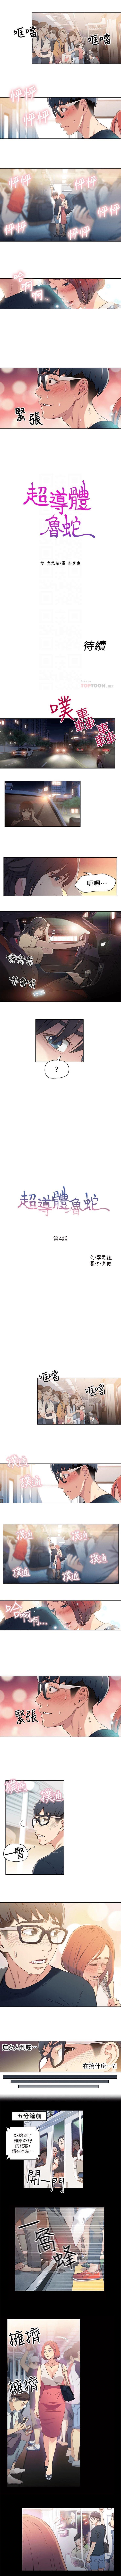 超導體魯蛇 1-41 官方中文(連載中) 14